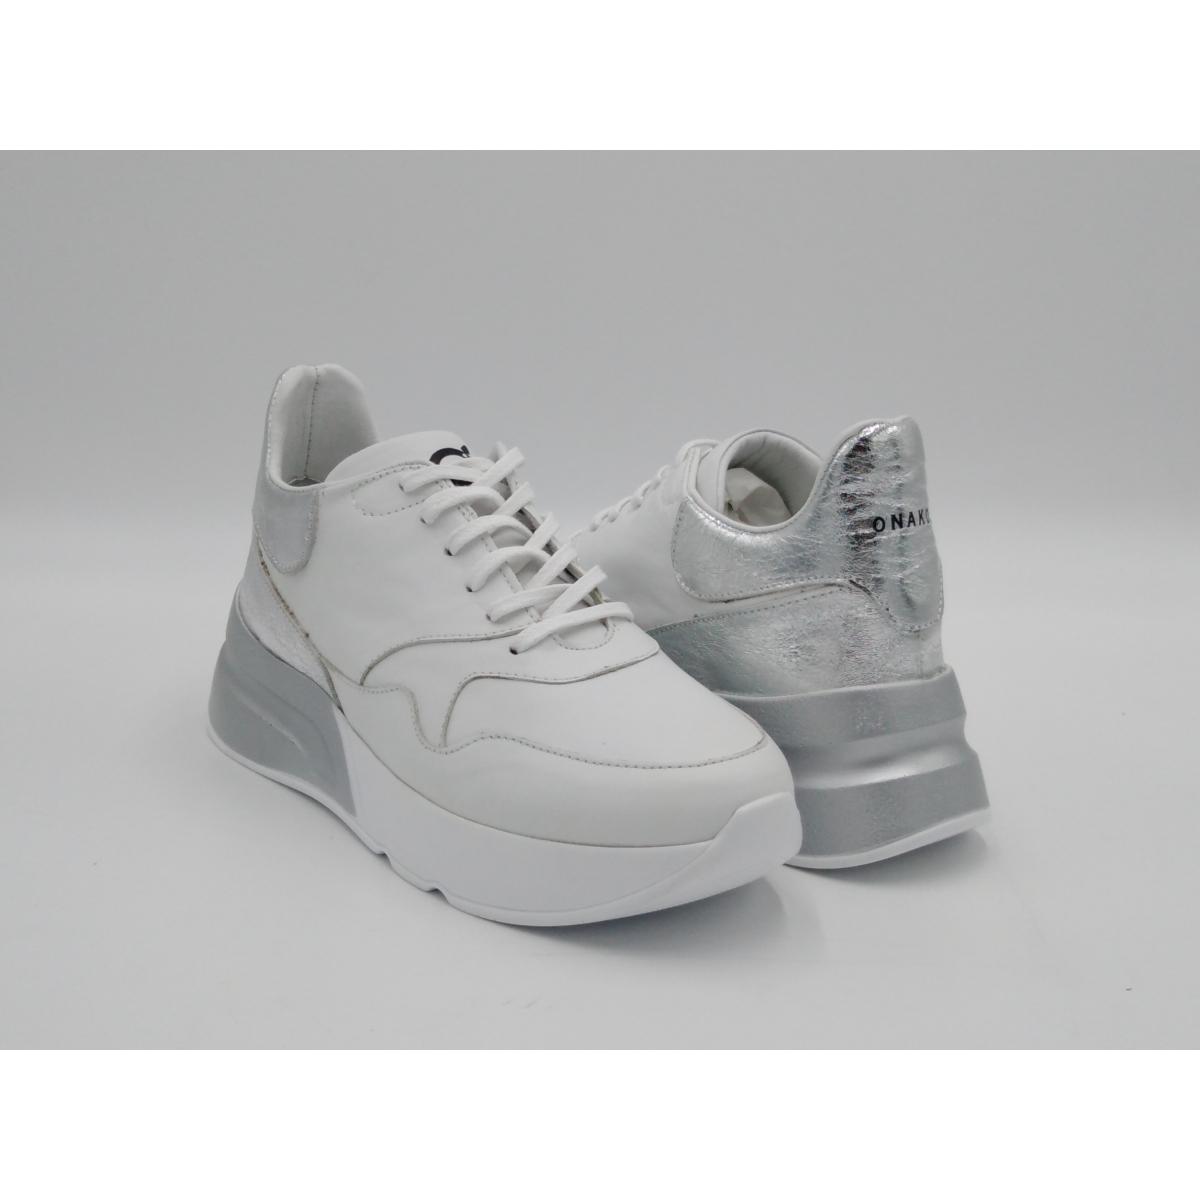 Onakò -Sneaker bianco...